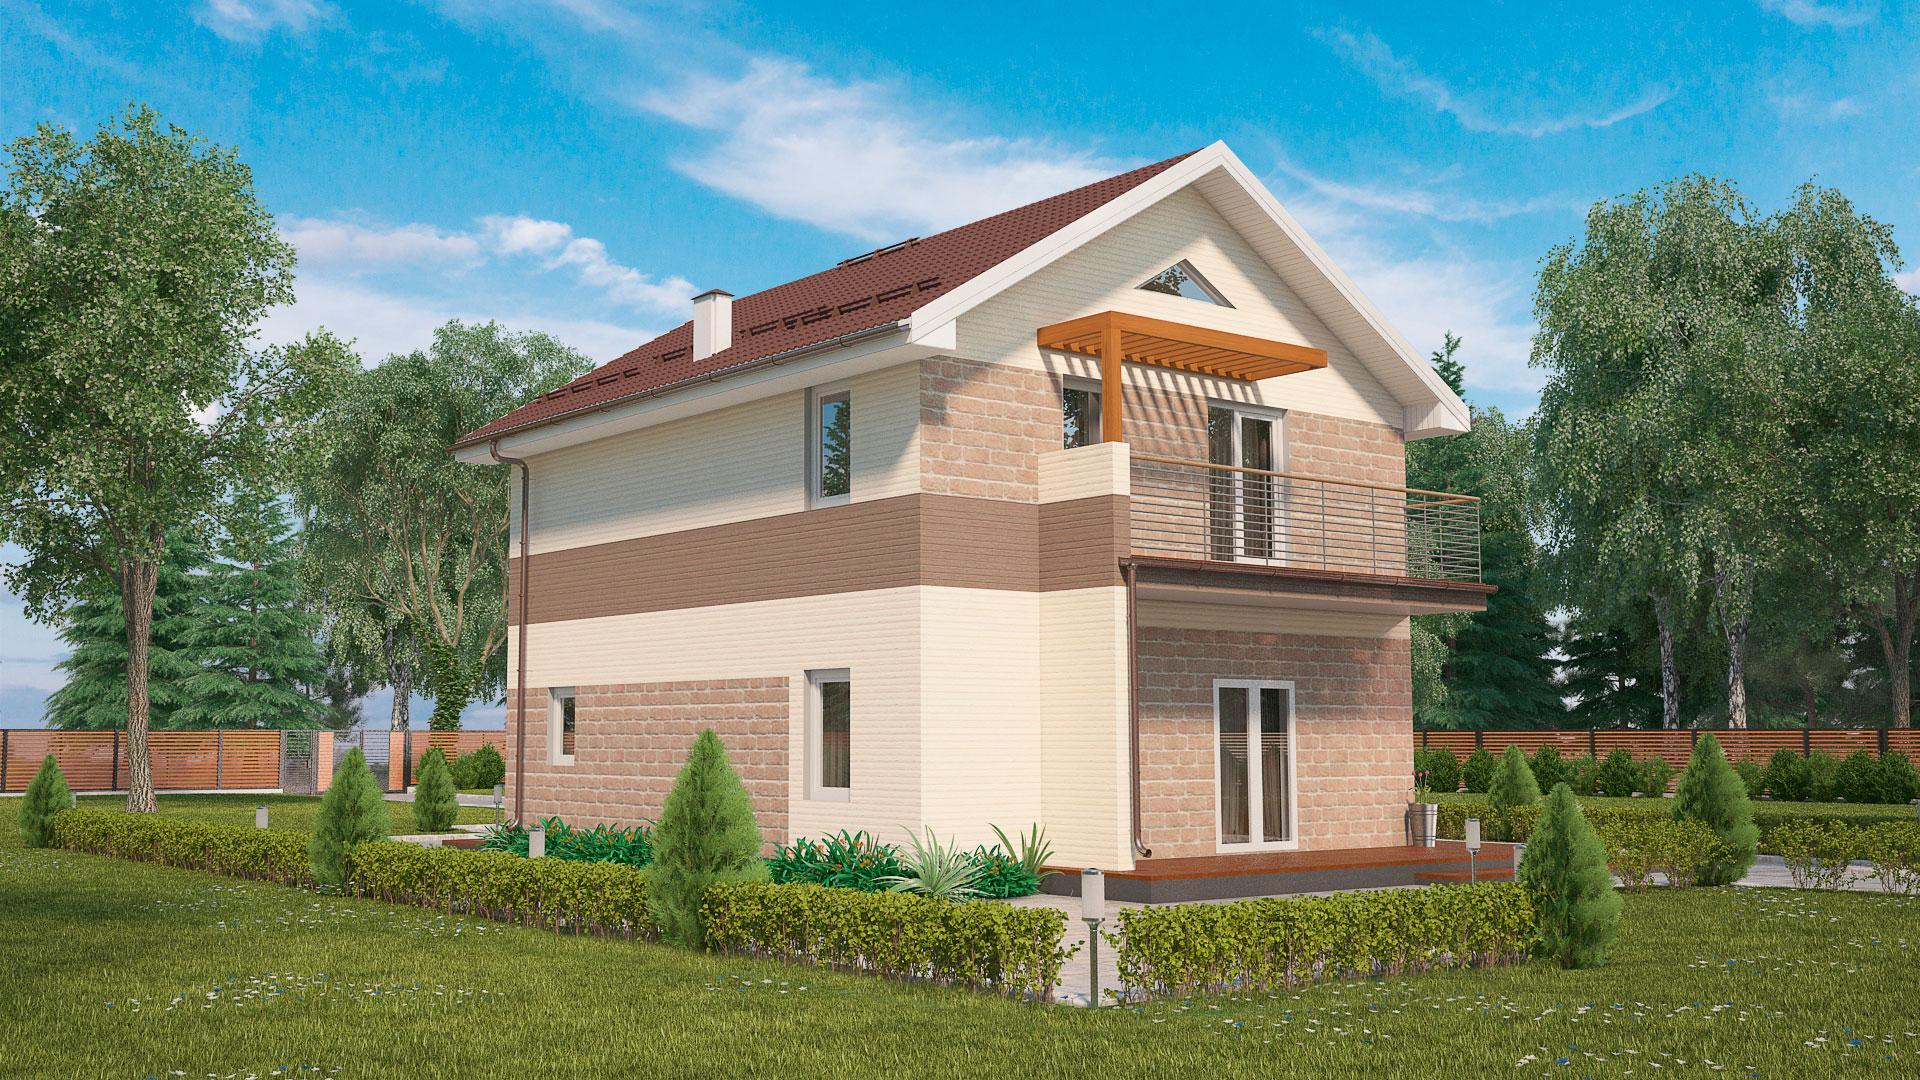 Фасад двухэтажного дома с балконами и террасой, проект БЭНПАН МС-181.